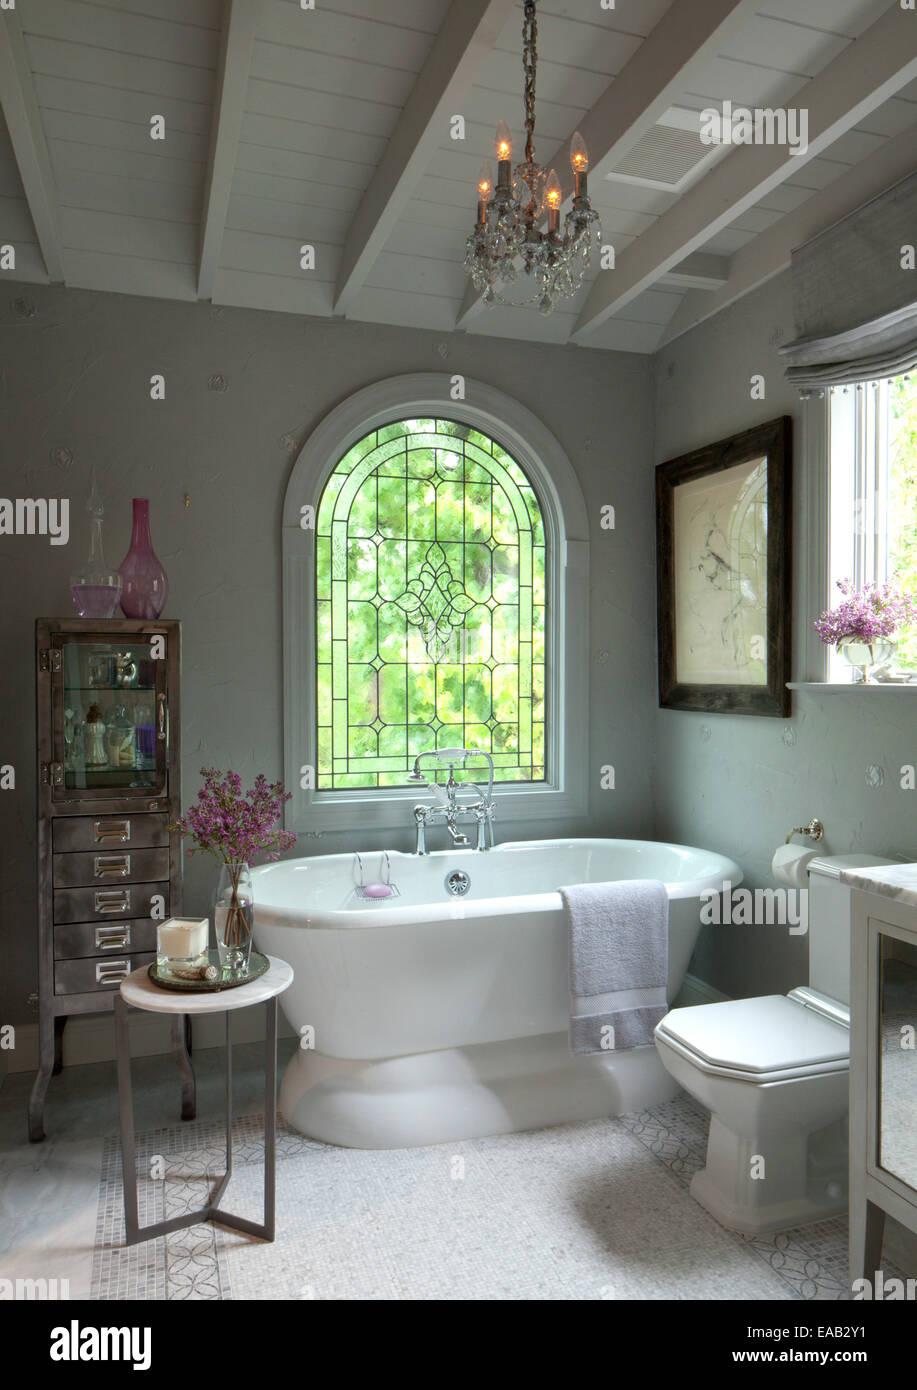 Moderne Badezimmer mit Badewanne Stockfoto, Bild: 75231829 - Alamy